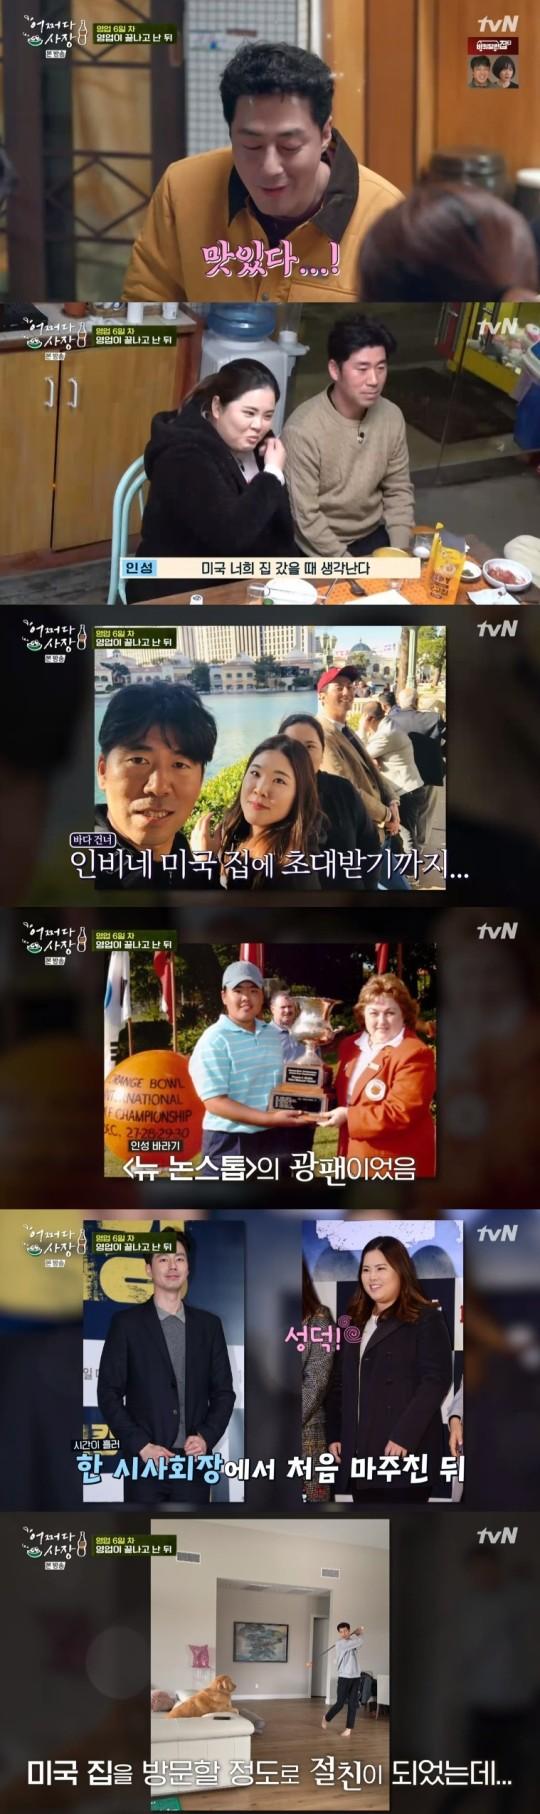 '어쩌다 사장'에 박인비와 남편 남기협, 동생 박인아가 출연해 조인성과의 인연을 공개했다. /사진=tvN 어쩌다사장 캡처